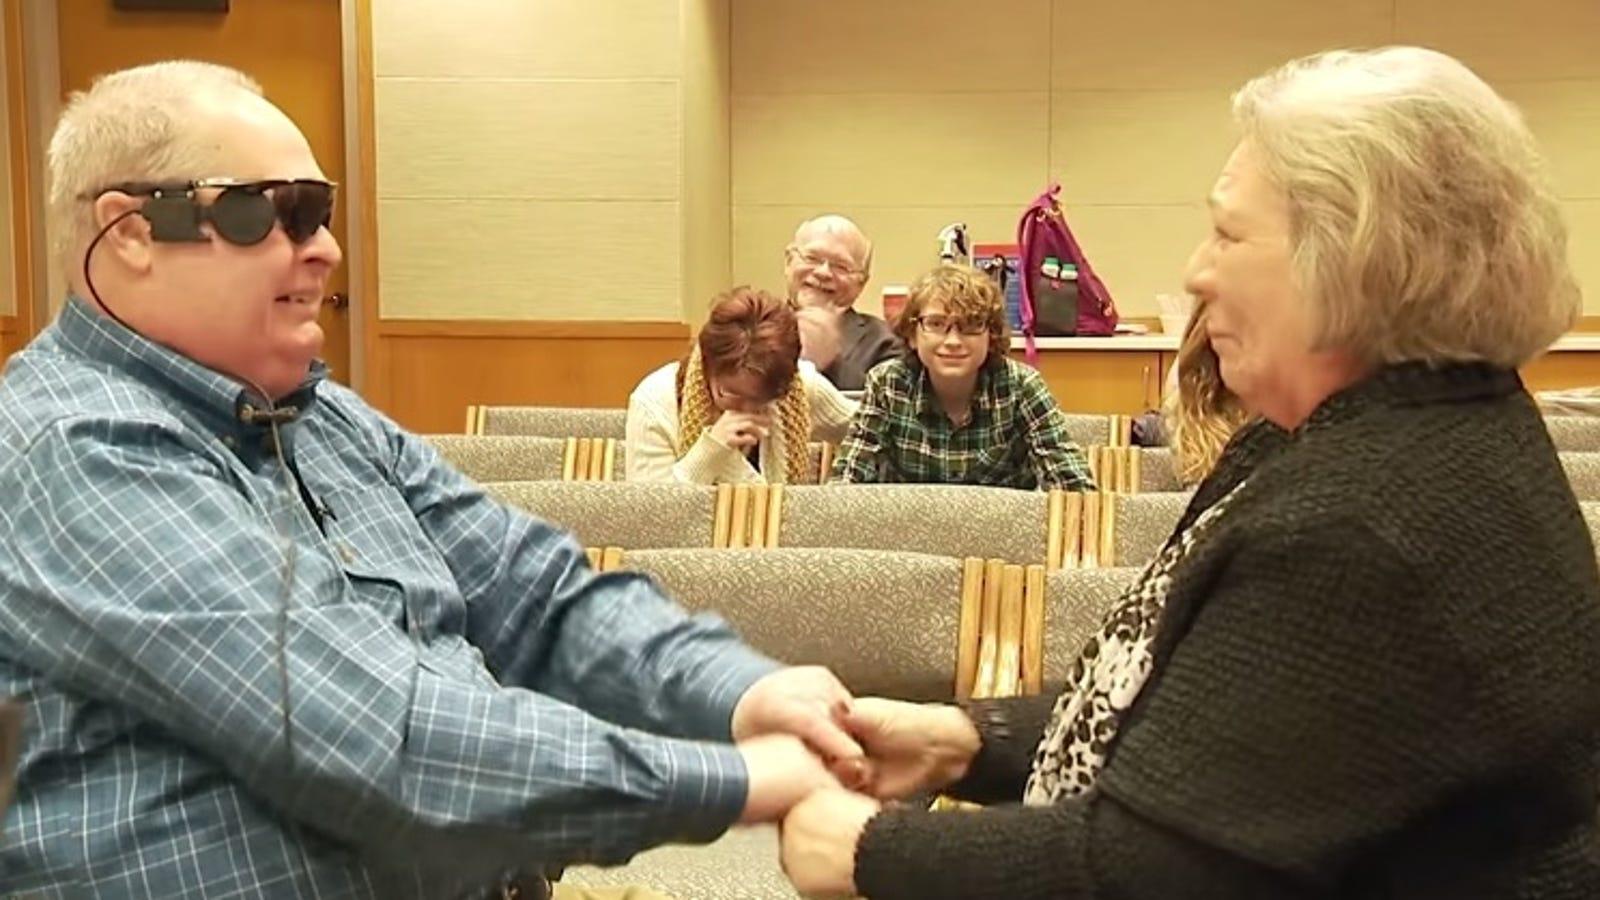 Un hombre ciego vuelve a ver a su familia gracias a un ojo biónico